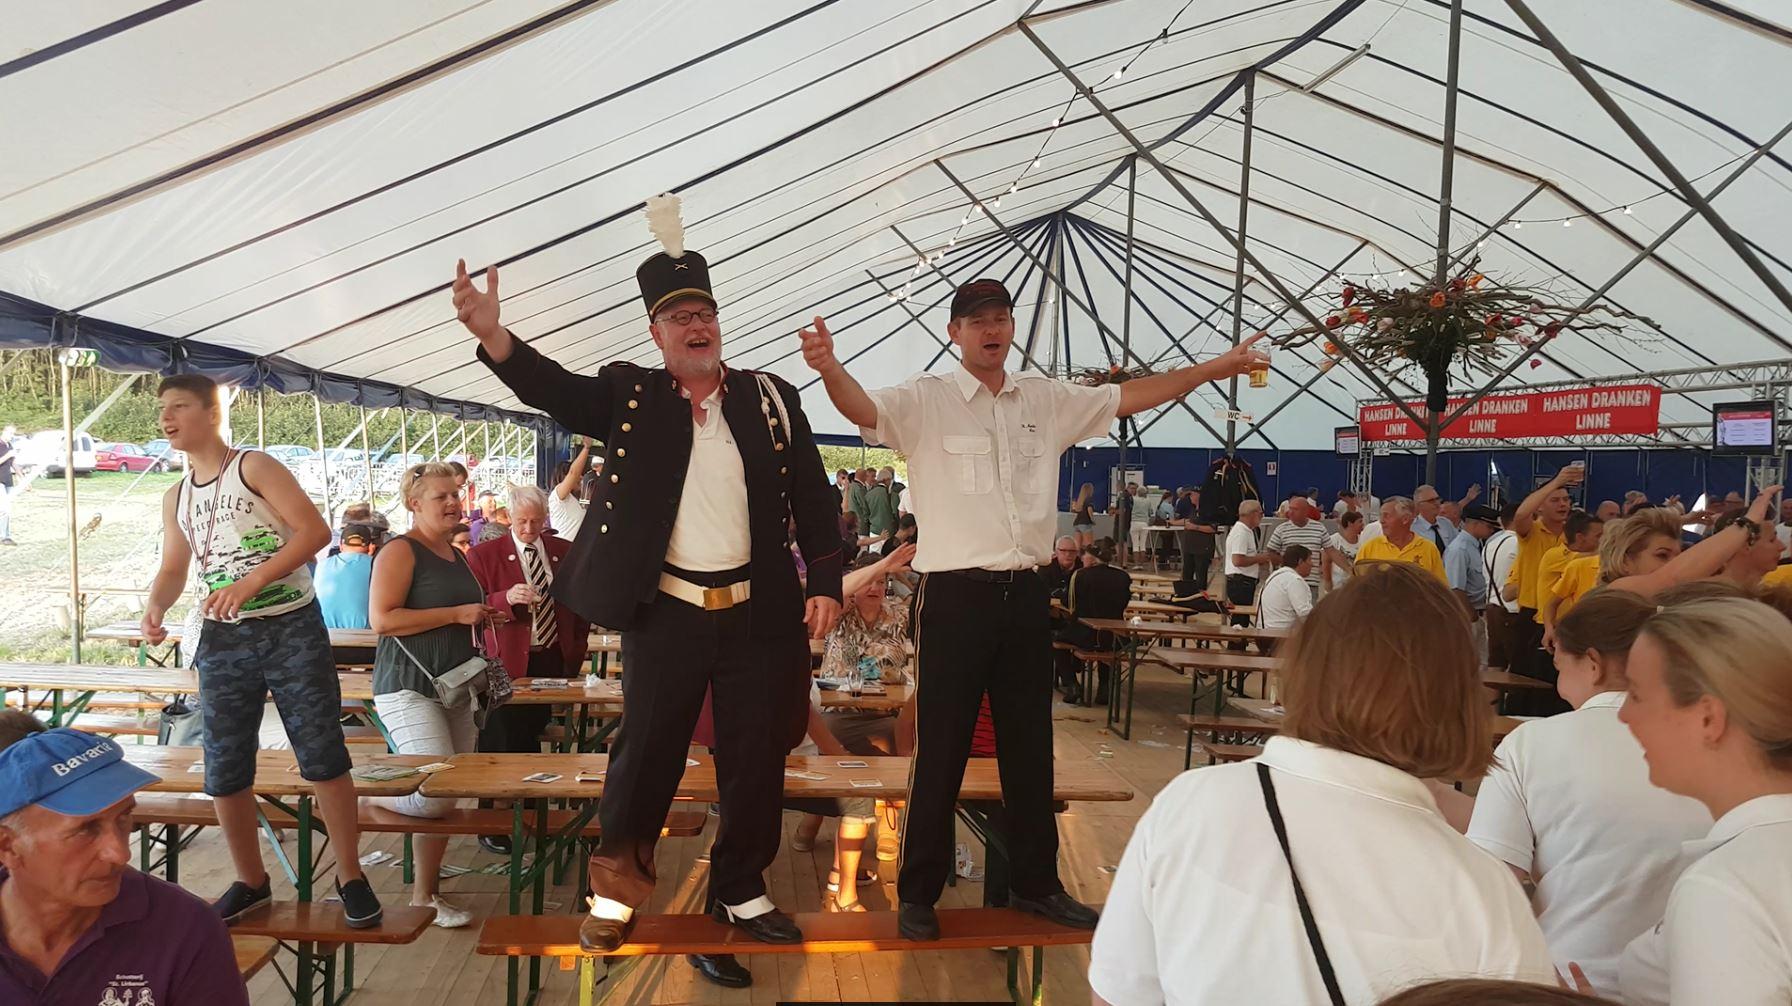 Bondsschuttersfeest Herkenbosch 27 augustus 2017